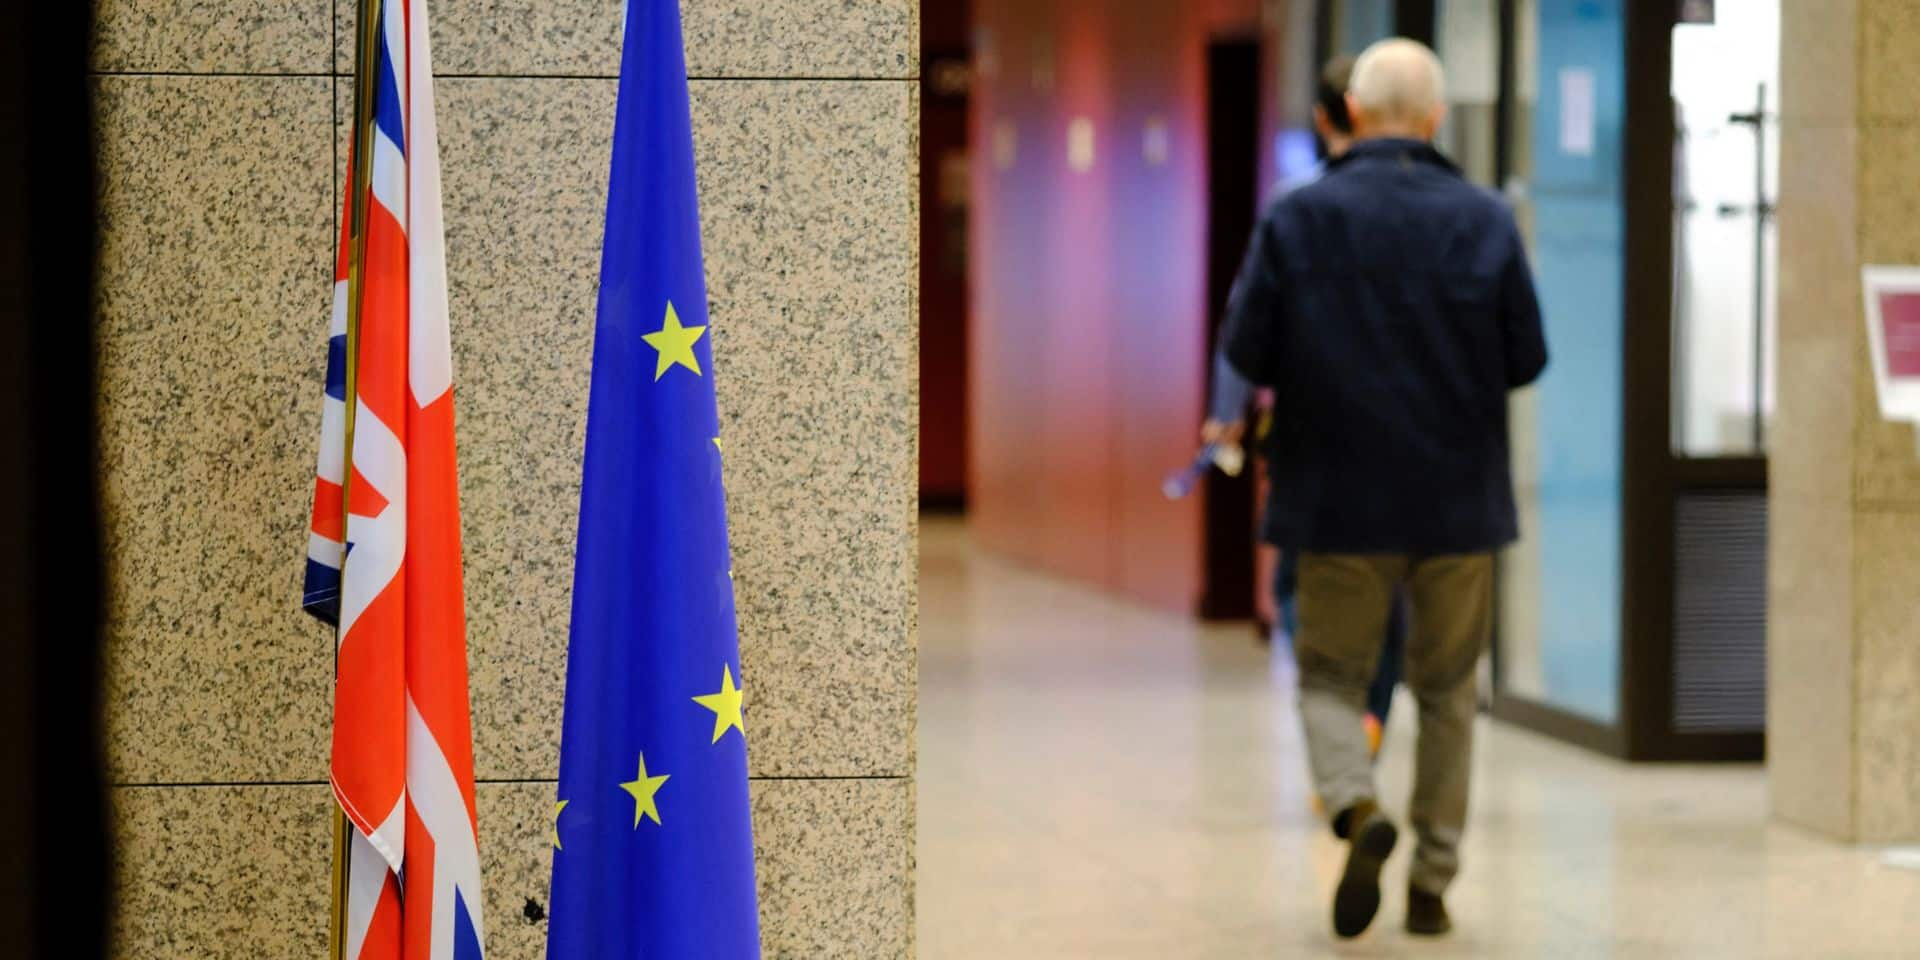 L'UE compte engager deux procédures contre Londres pour violation de l'accord du Brexit